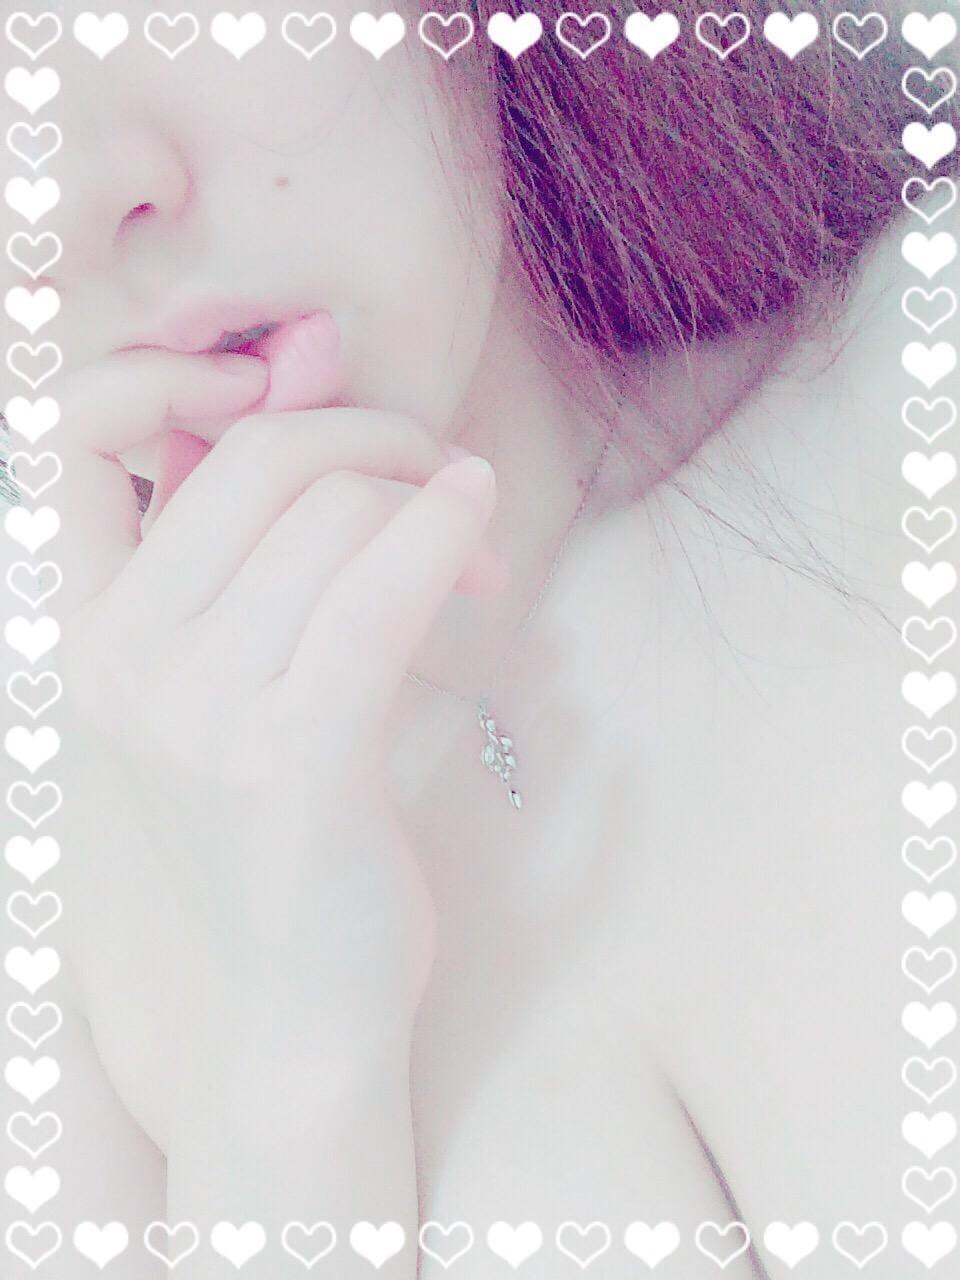 「おはよ?」08/19(08/19) 17:50 | まなみ☆スレンダーFカップMっ娘の写メ・風俗動画